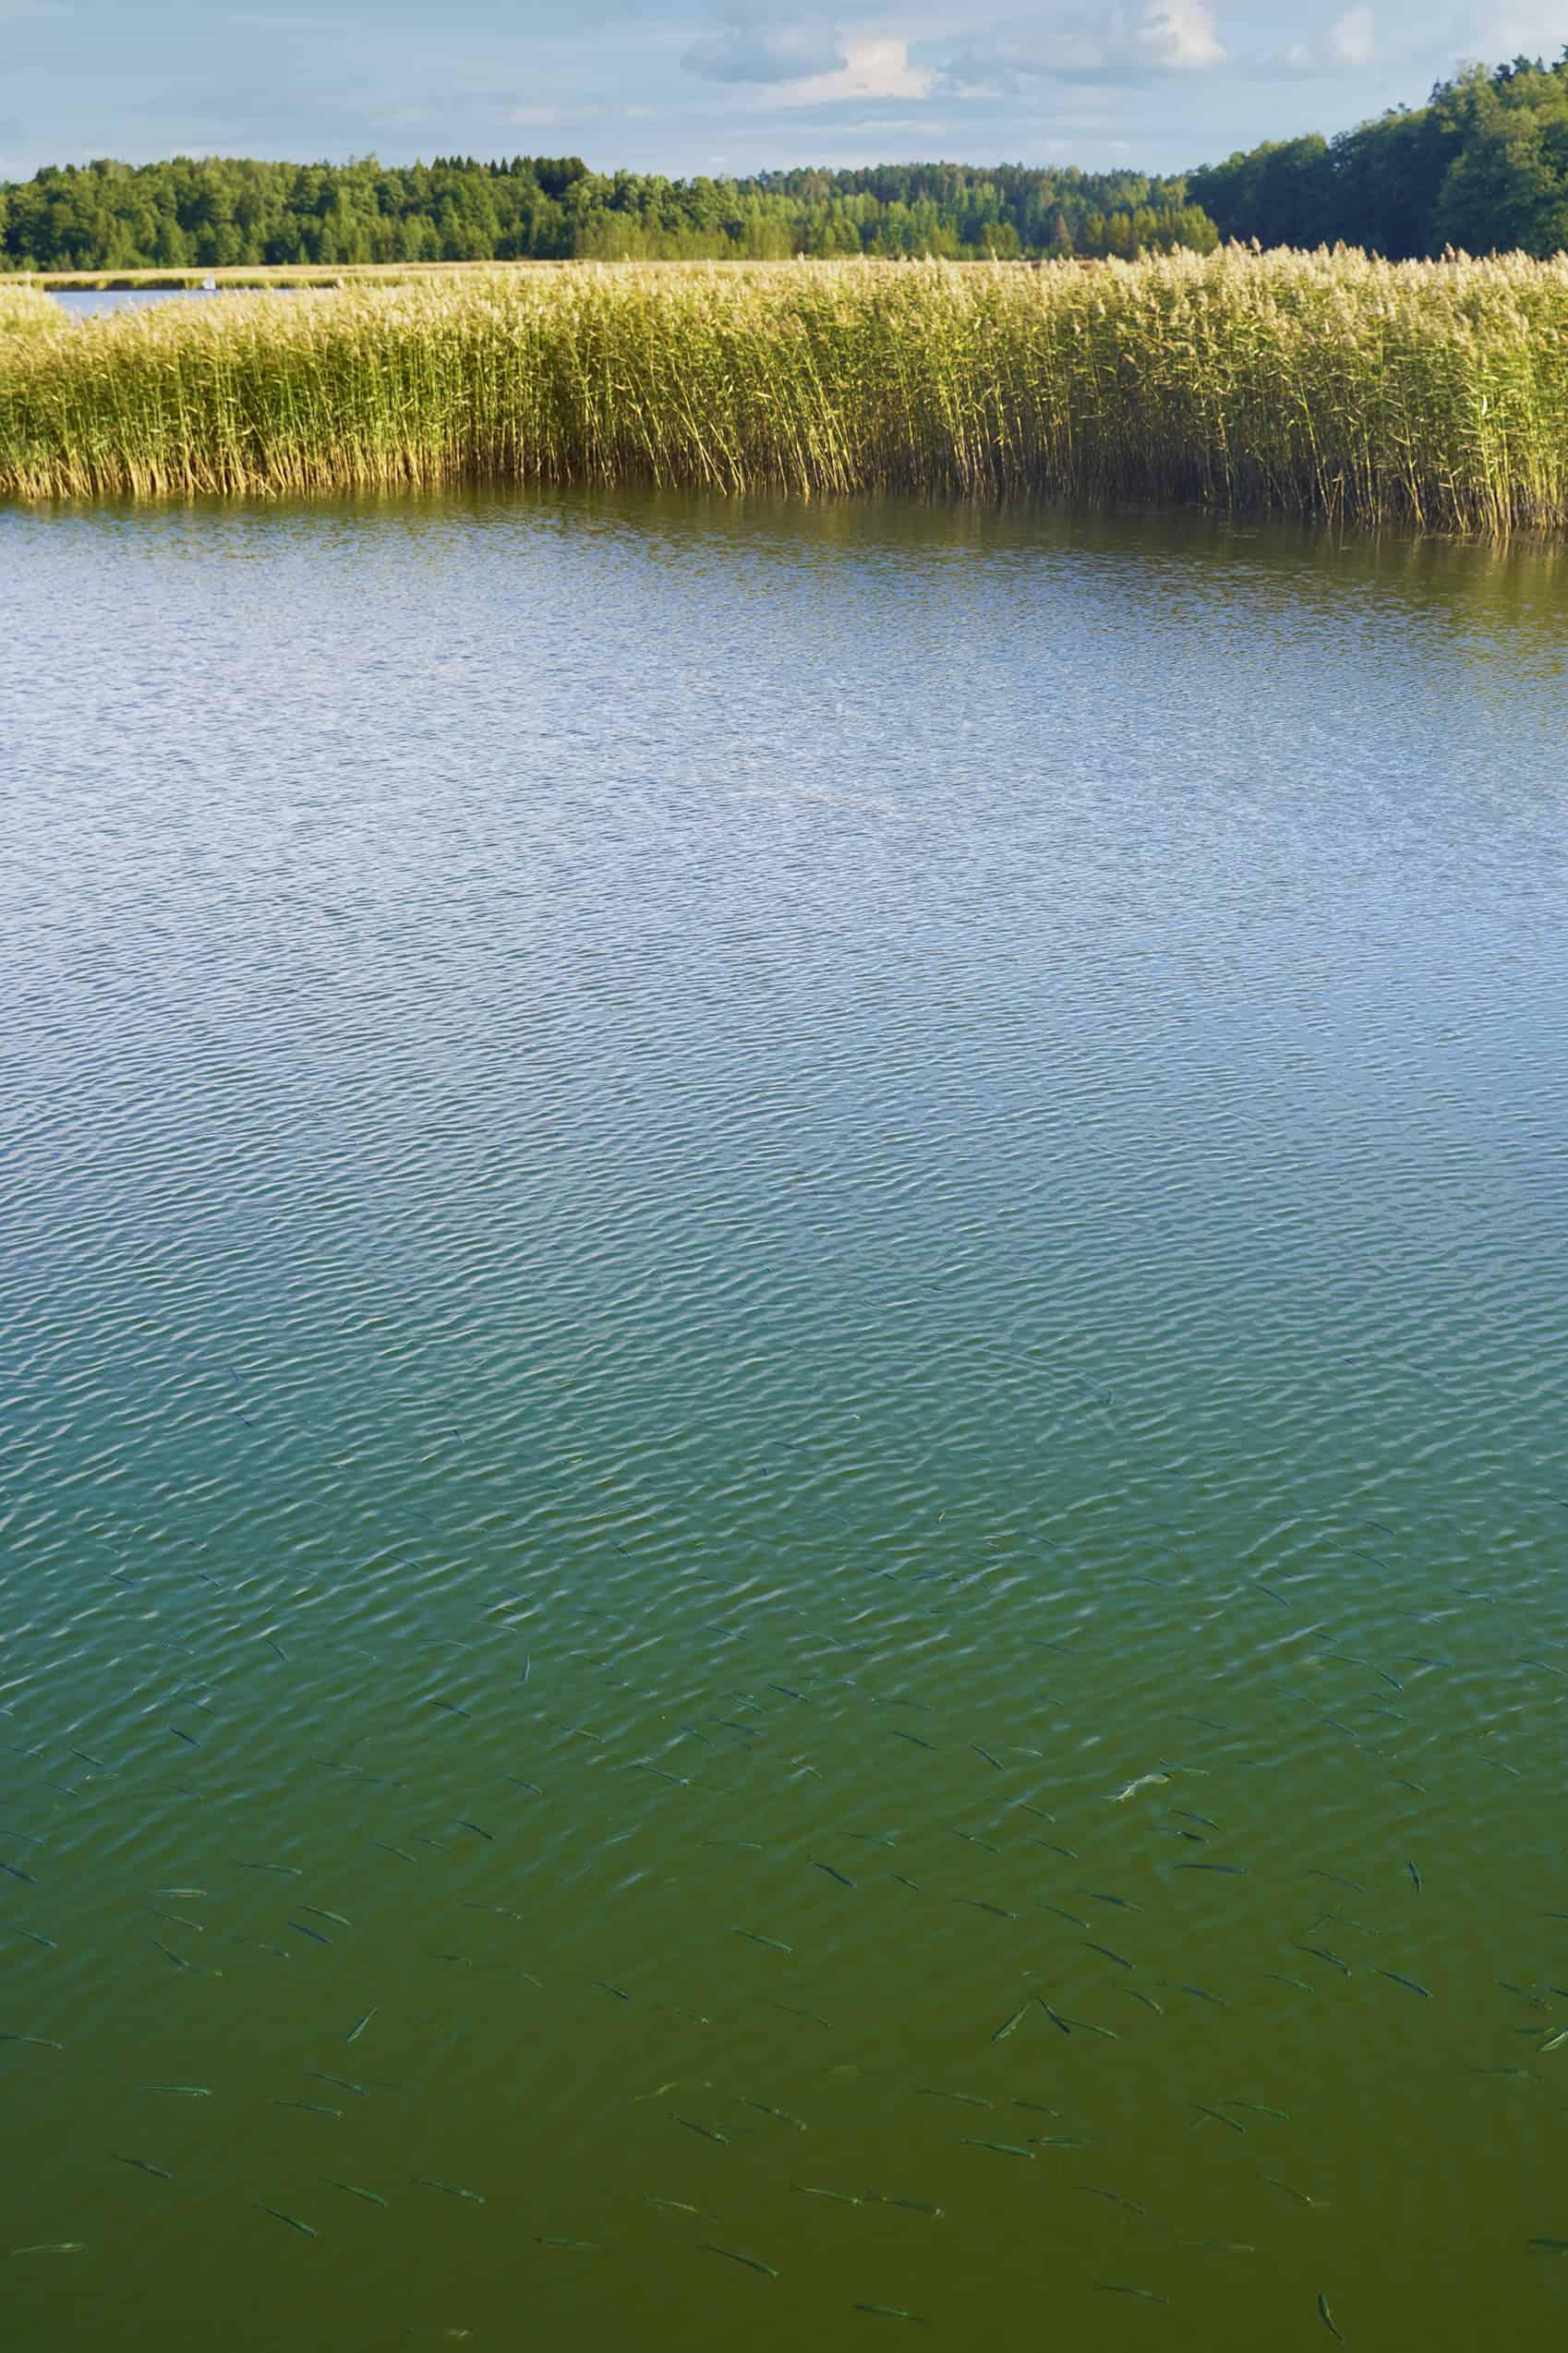 Kuvan yläreunassa näkyy ruovikkoa ja alareunassa veden pinnan alla uivia kaloja.